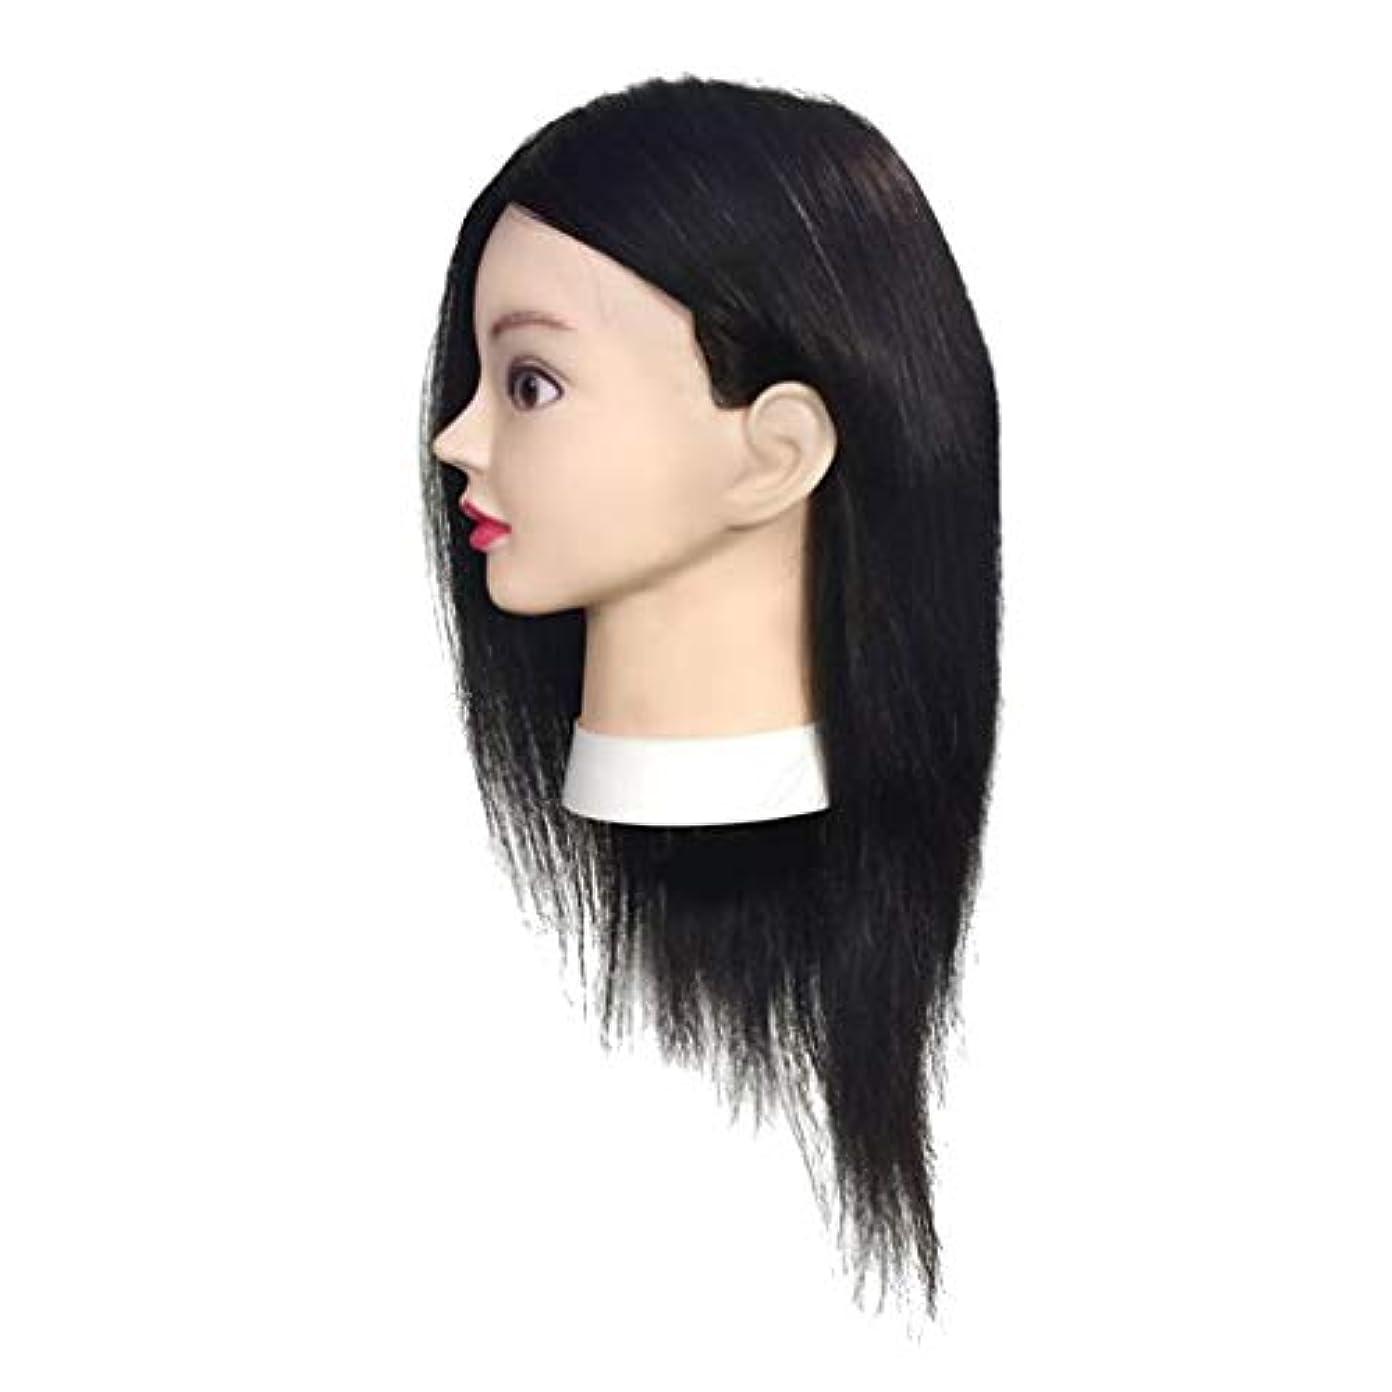 千トーナメント咳CUTICATE マネキンヘッド ウィッグ 編み込み練習用 練習用 美容師 理髪店 美容院 サロン